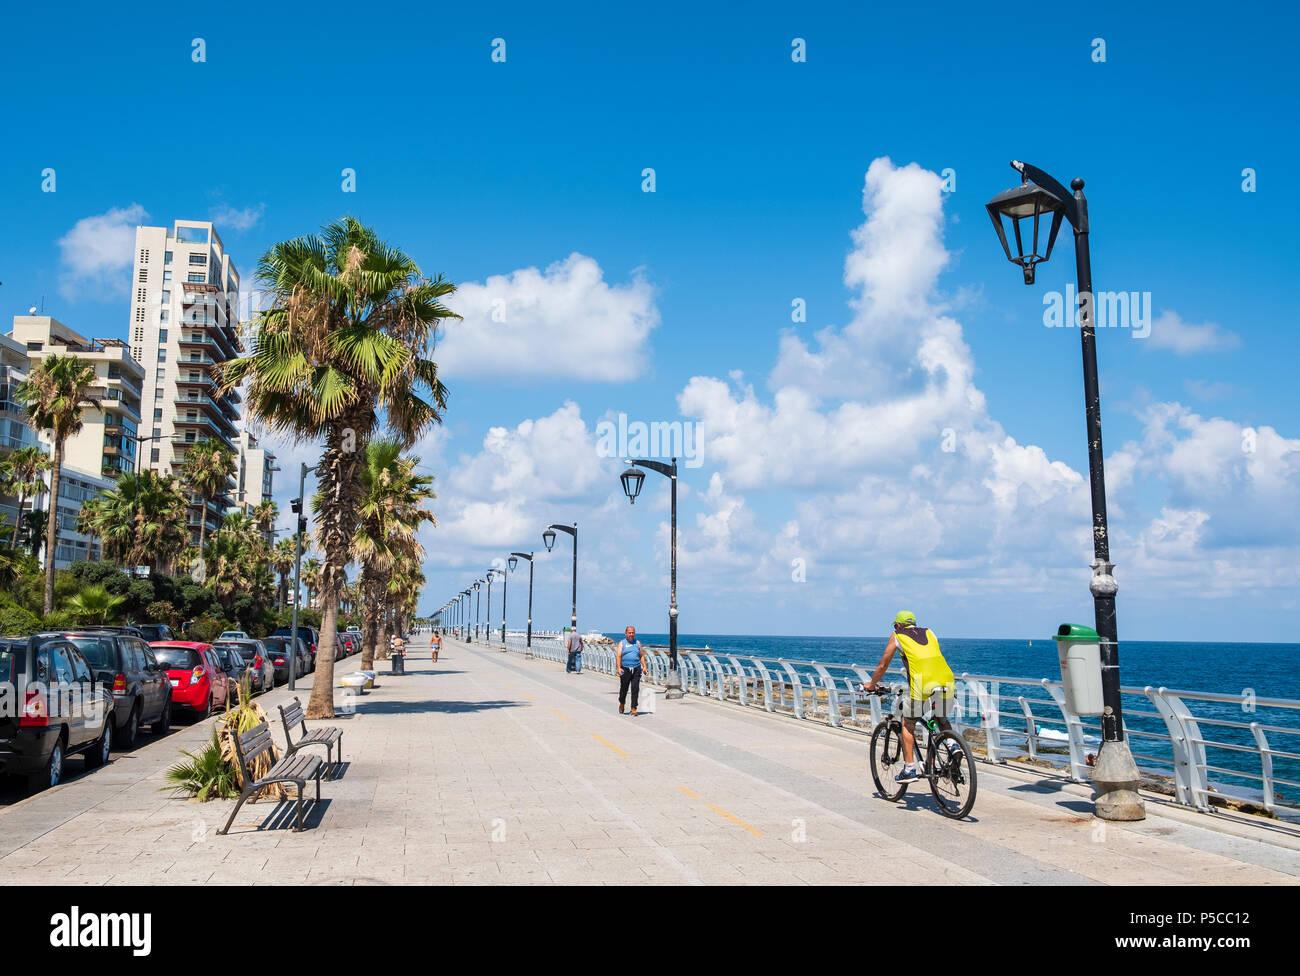 Afficher le long de la Corniche de Beyrouth, Liban. Photo Stock